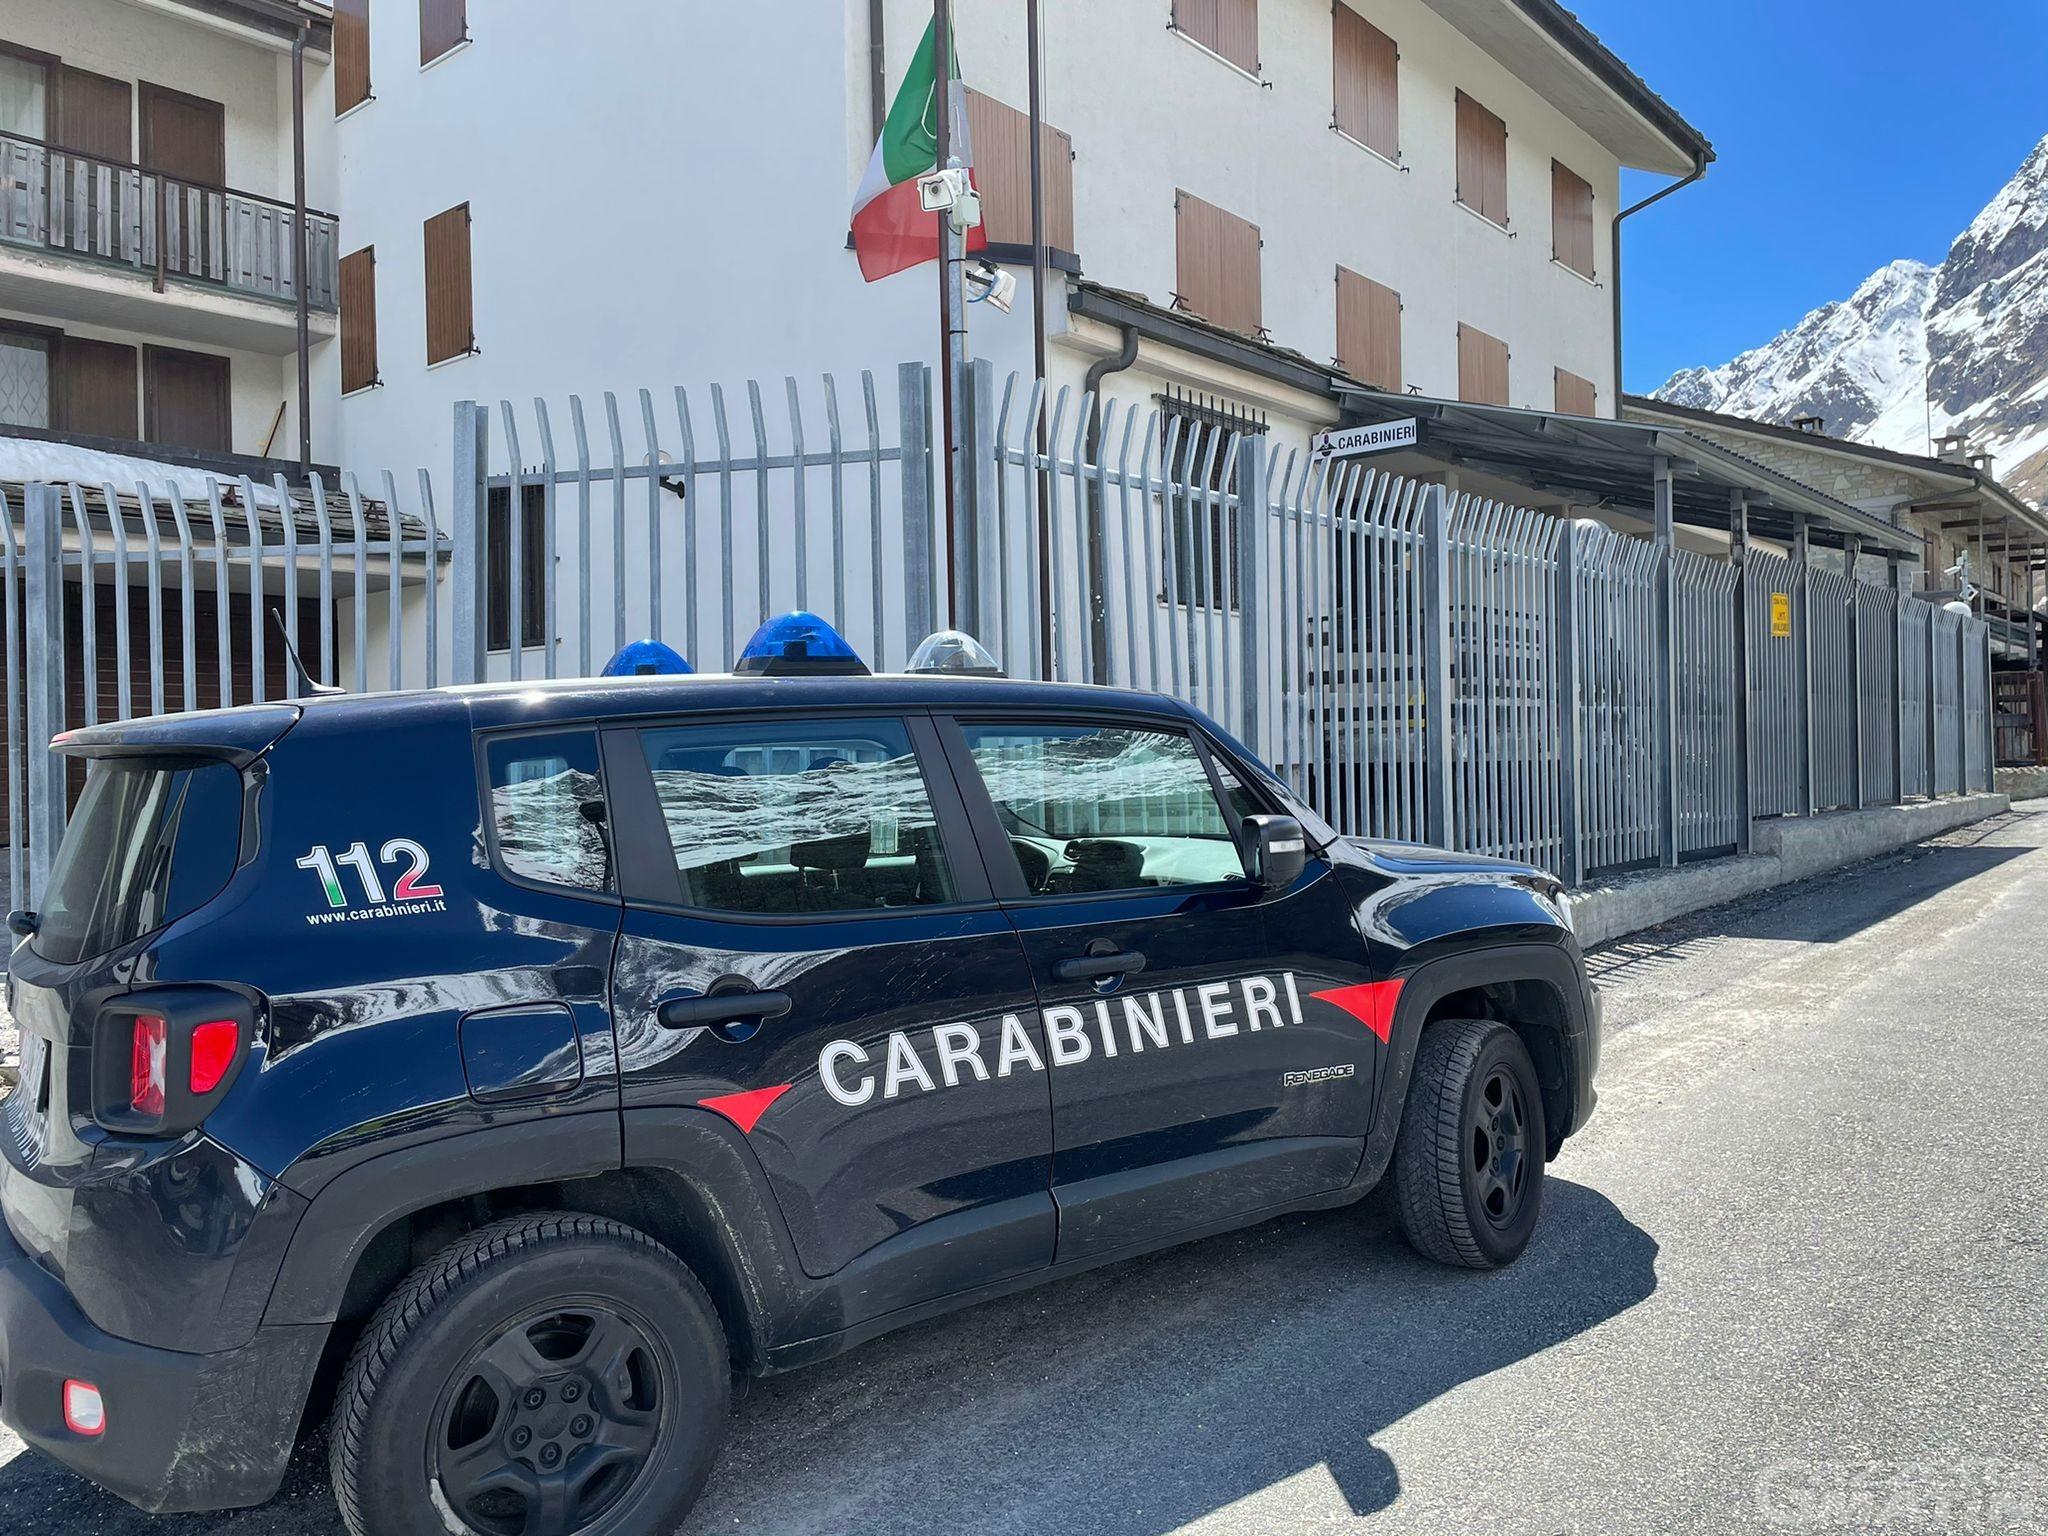 Torgnon, completamente ubriaco rischia di finire contro l'auto dei Carabinieri: patente ritirata